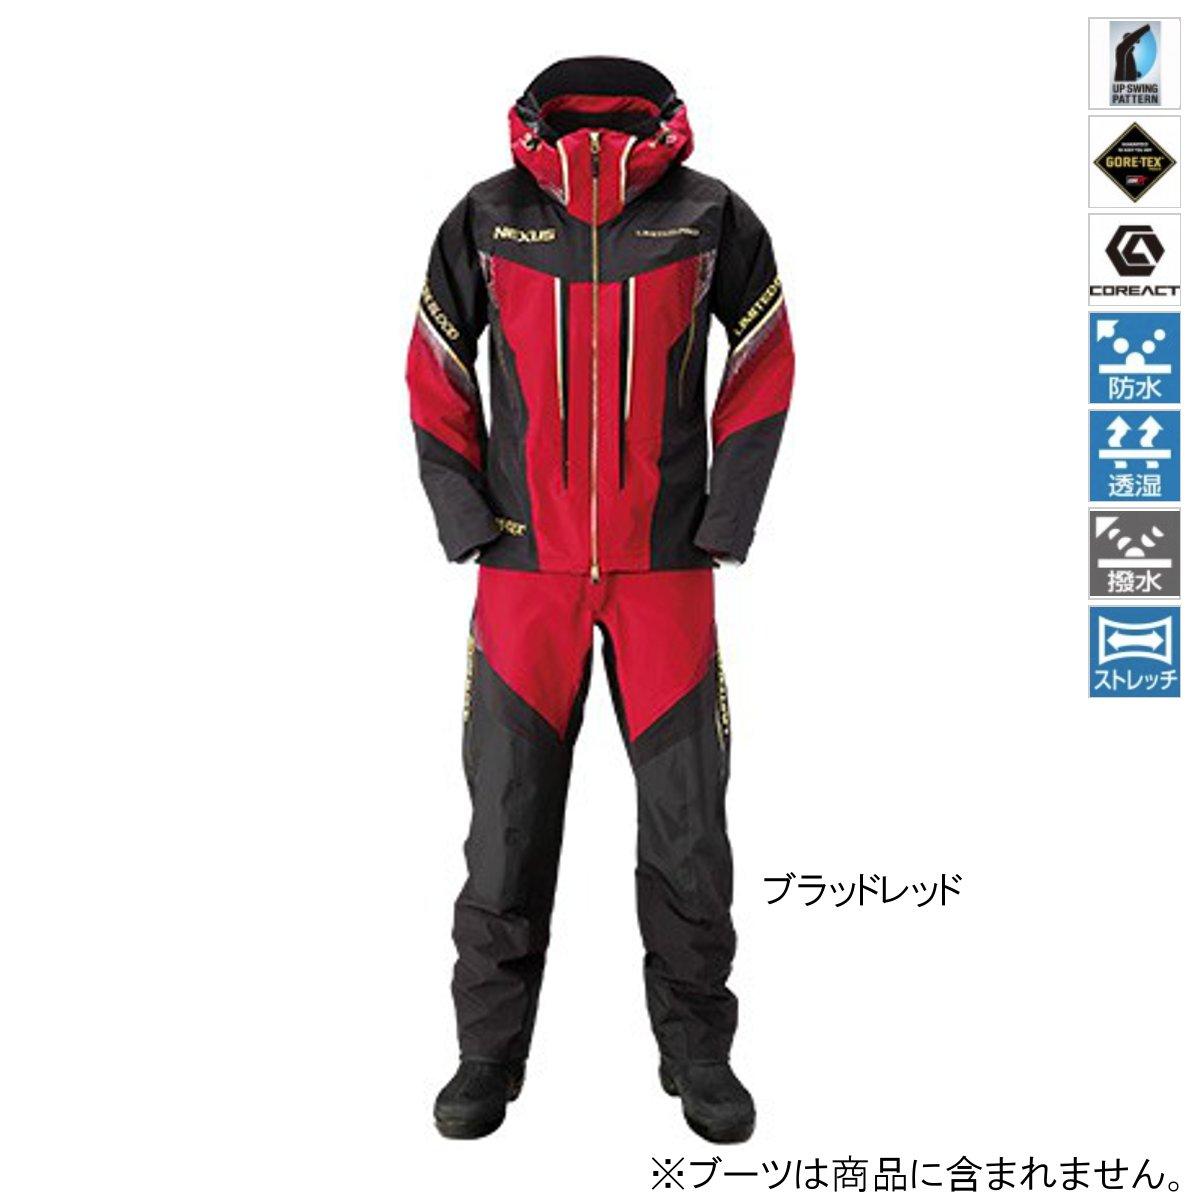 シマノ NEXUS・GORE-TEX レインスーツ LIMITED PRO RA-112S M ブラッドレッド